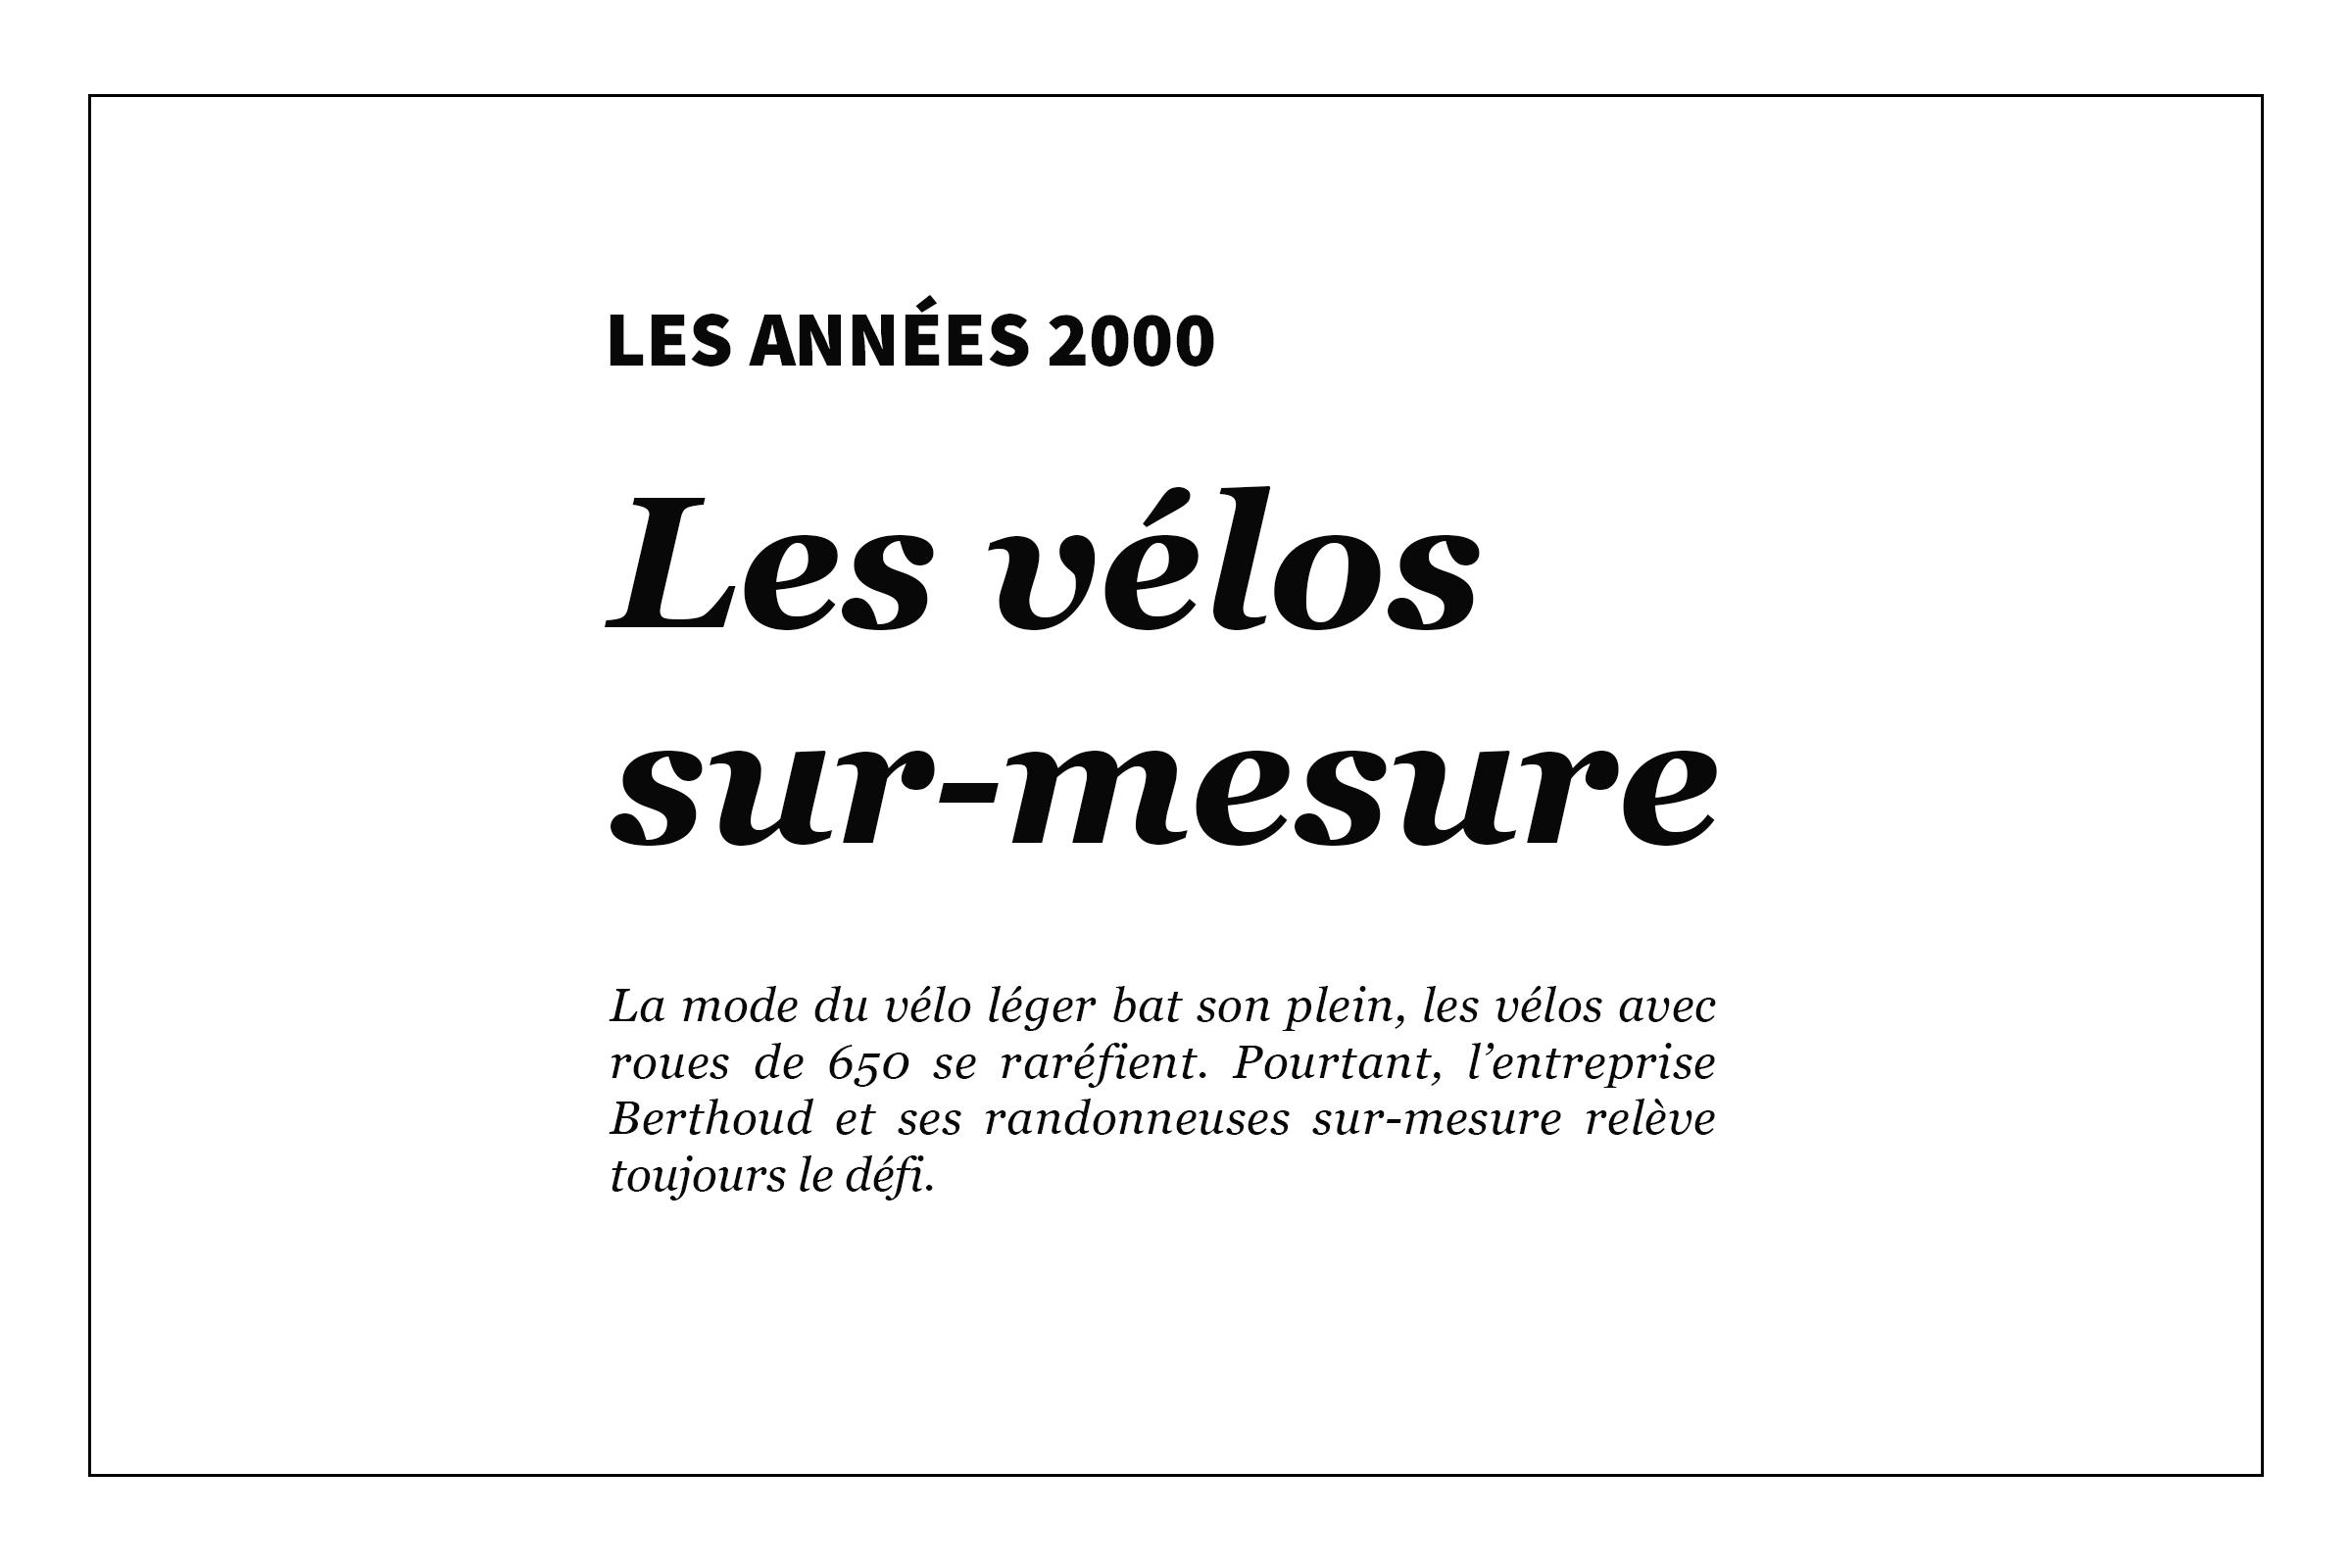 Les années 2000 - Les vélos sur-mesure